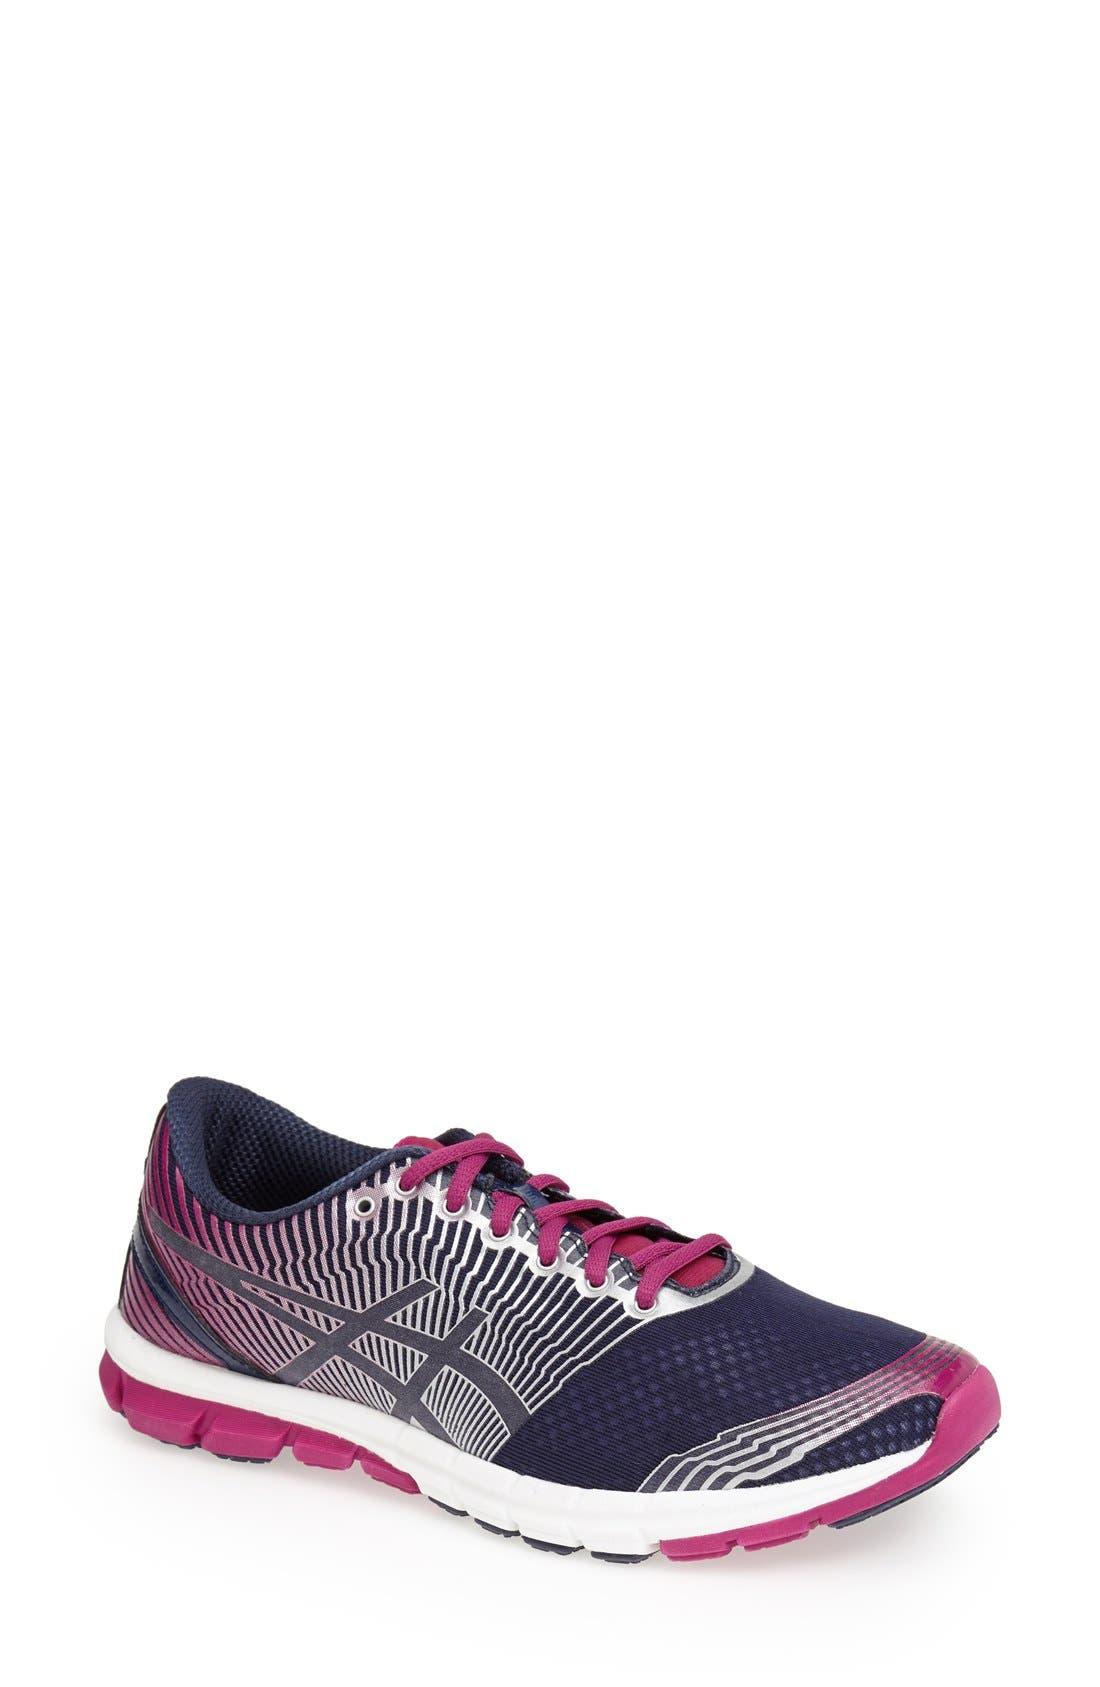 Alternate Image 1 Selected - ASICS® 'GEL-Lyte 33 3.0' Running Shoe (Women) (Regular Retail Price: $84.95)